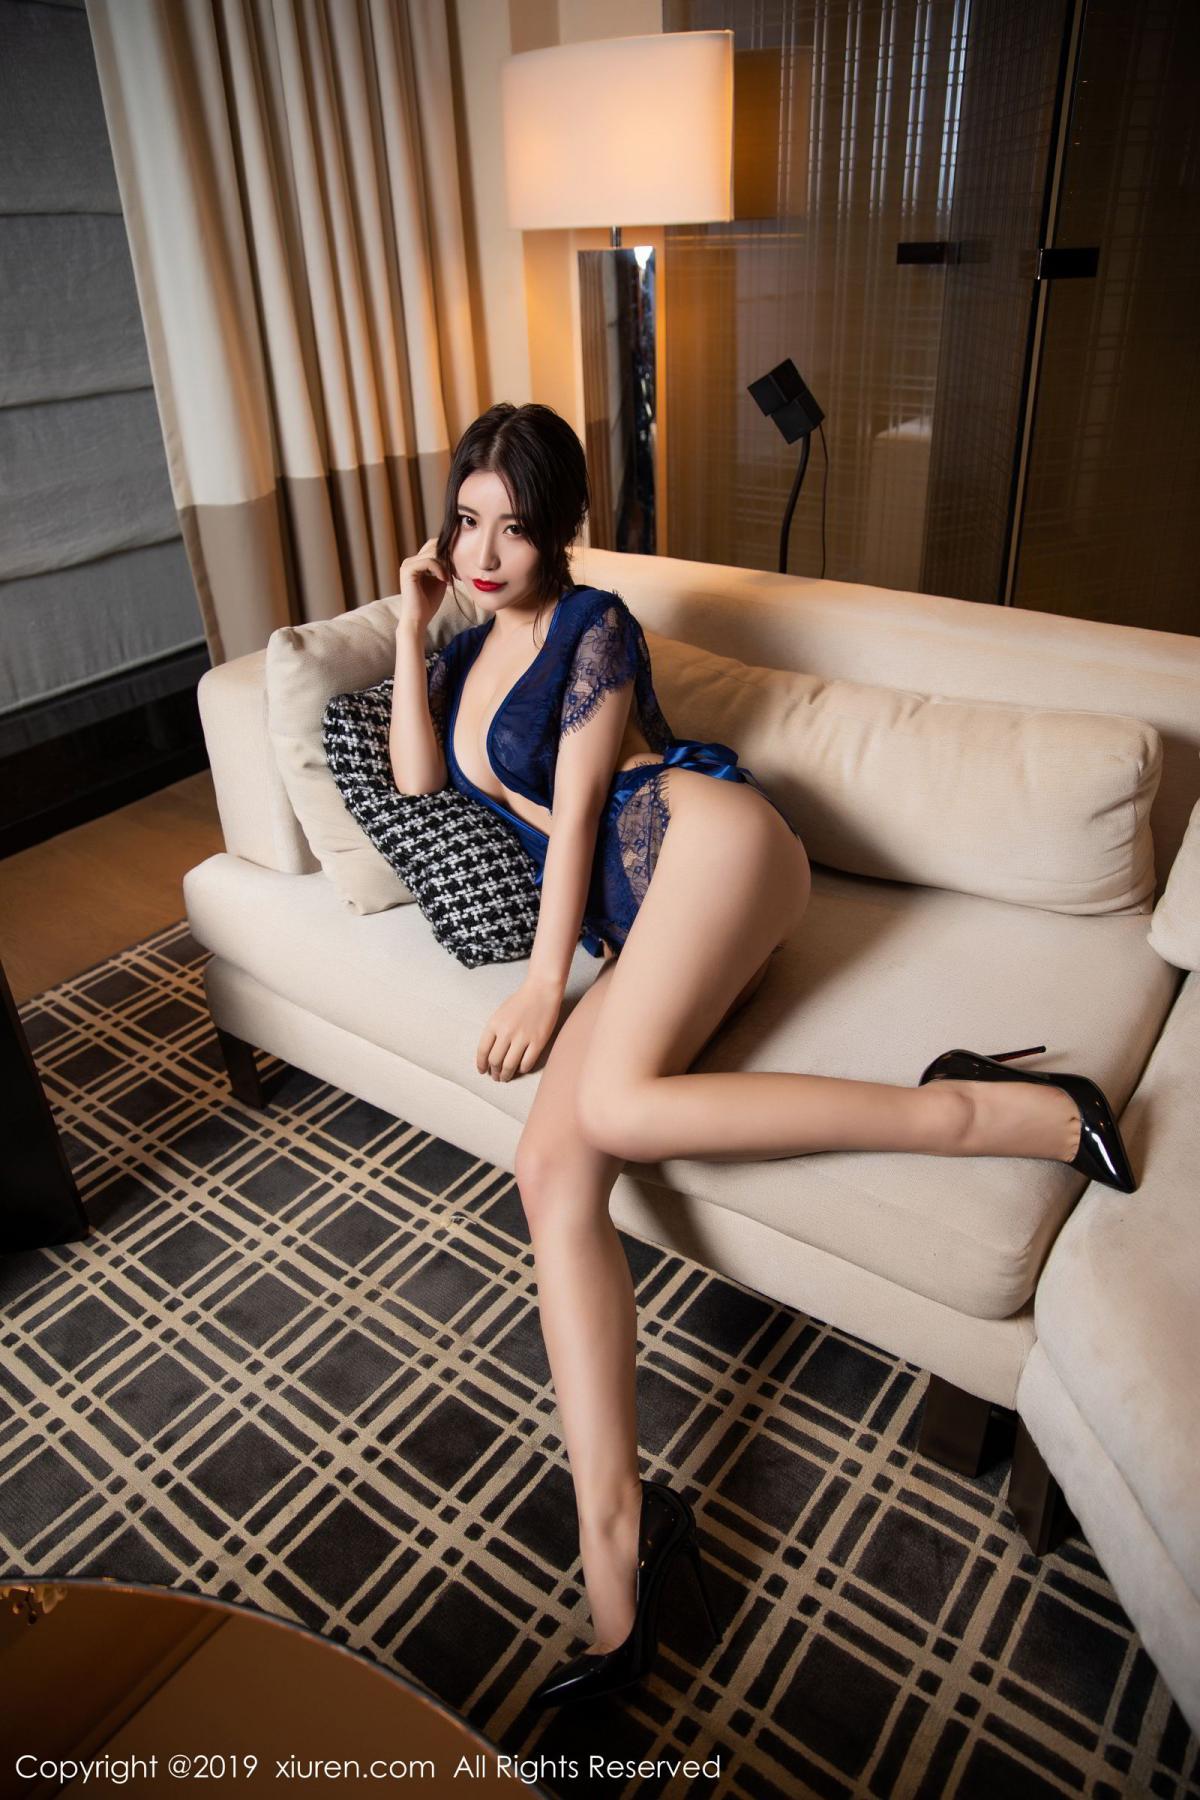 [XiuRen] Vol.1589 Xie Zhi Xin 28P, Sexy, Underwear, Xie Zhi Xin, Xiuren